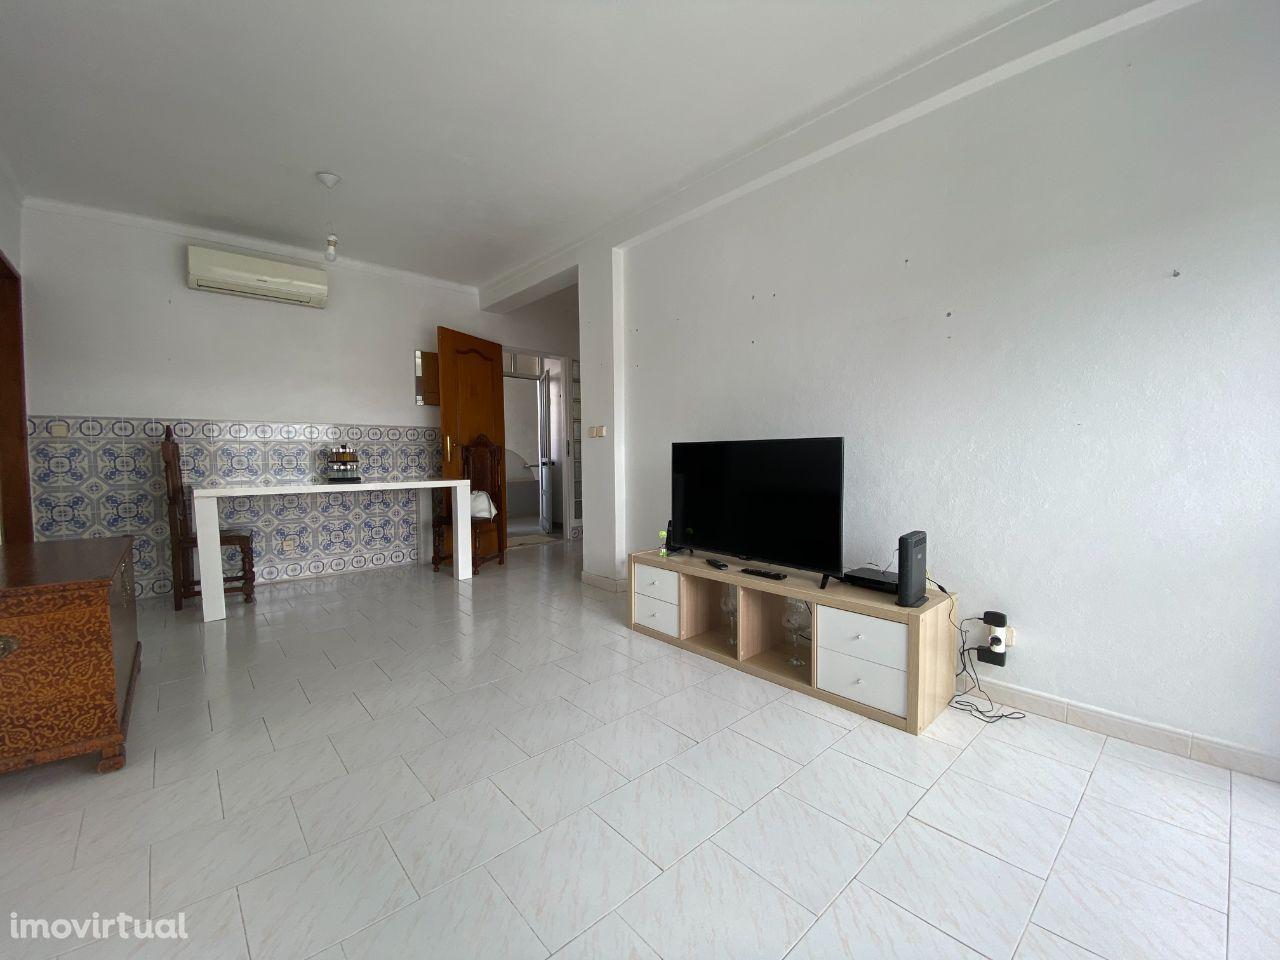 Apartamento, 3 quartos, Palmela, Pinhal Novo